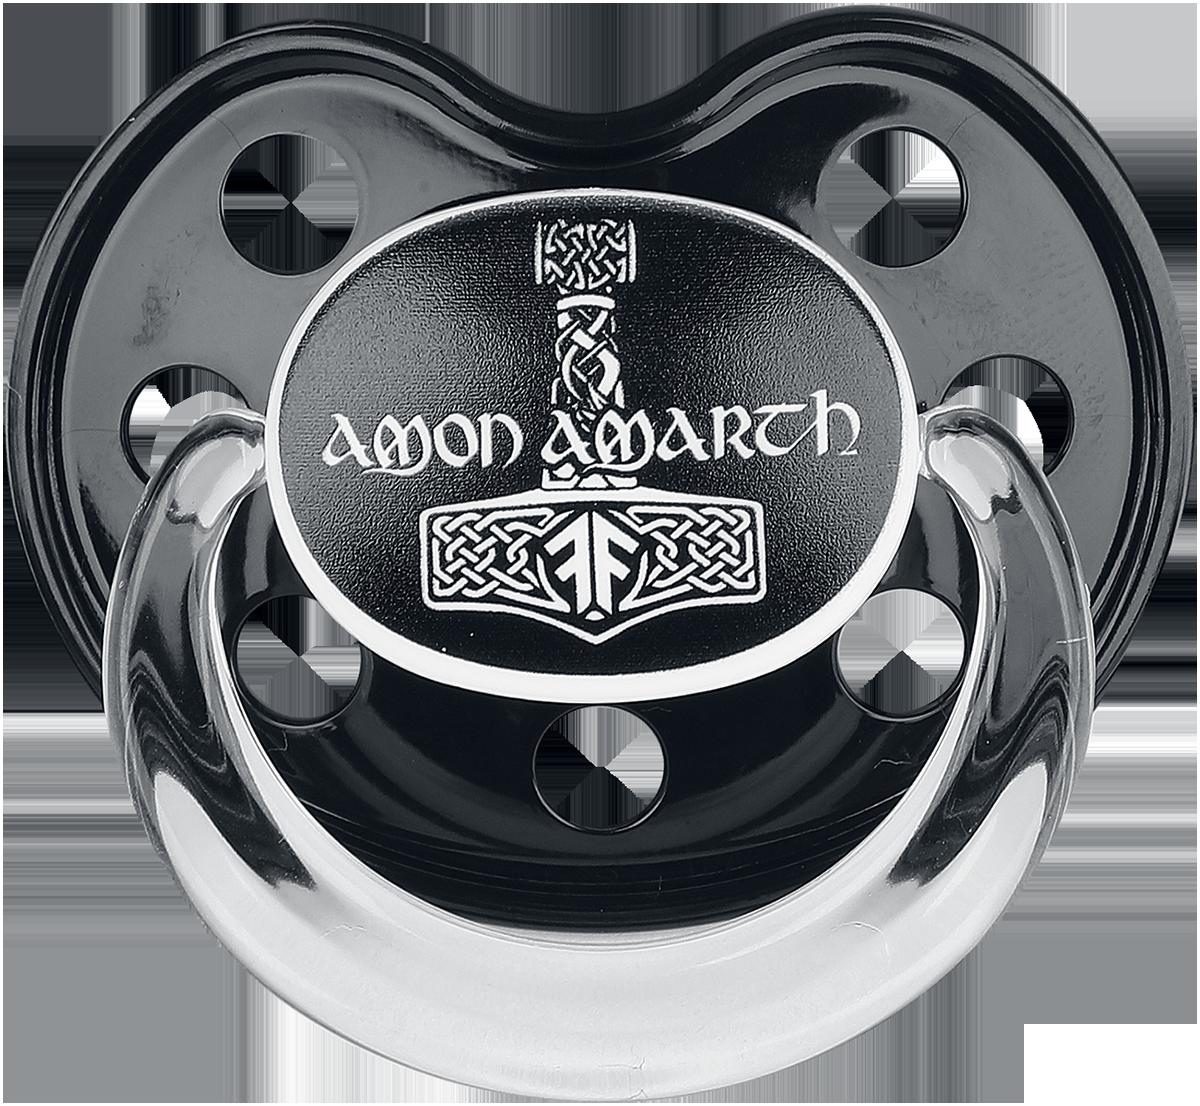 Amon Amarth - Thors Hammer - Schnuller - schwarz